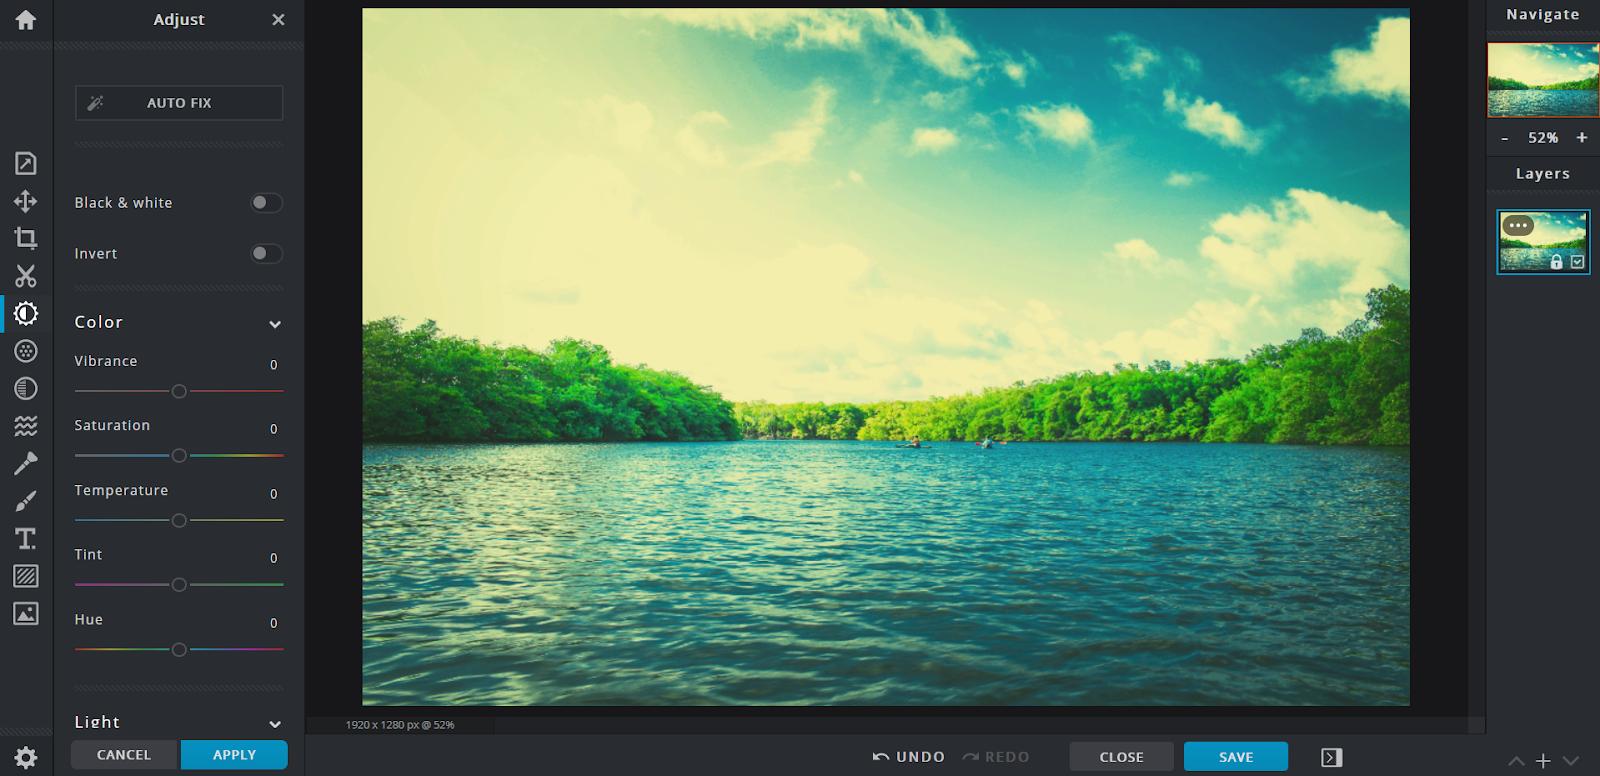 pixlr home screen